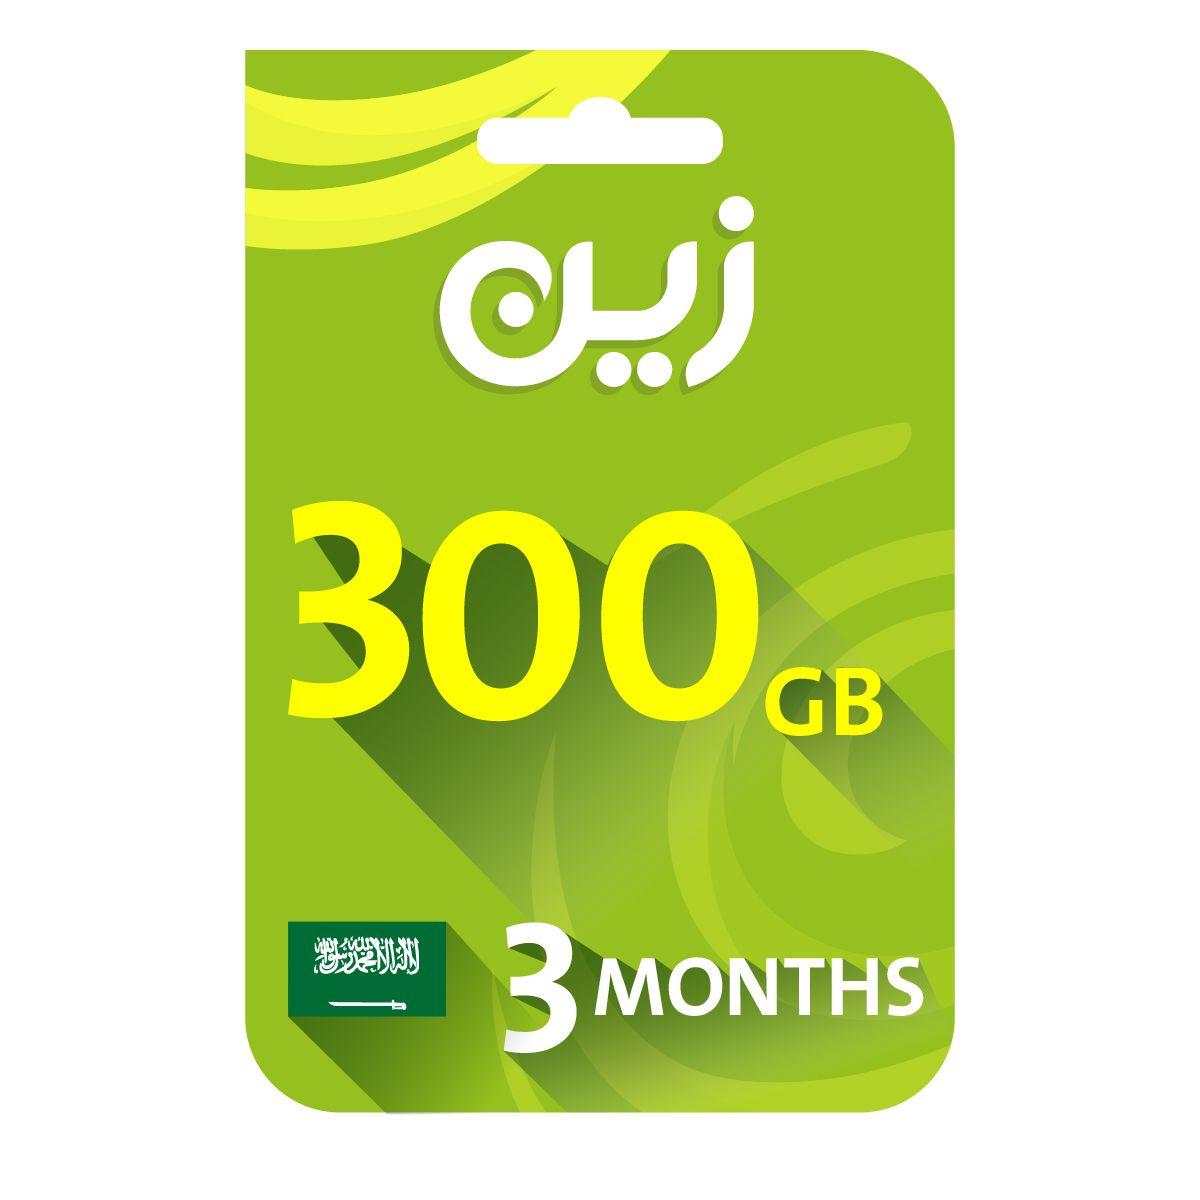 بطاقة زين مسبقة الدفع لشحن الانترنت 300 جيجا لمدة ثلاث شهور Gaming Logos Logos Merchants